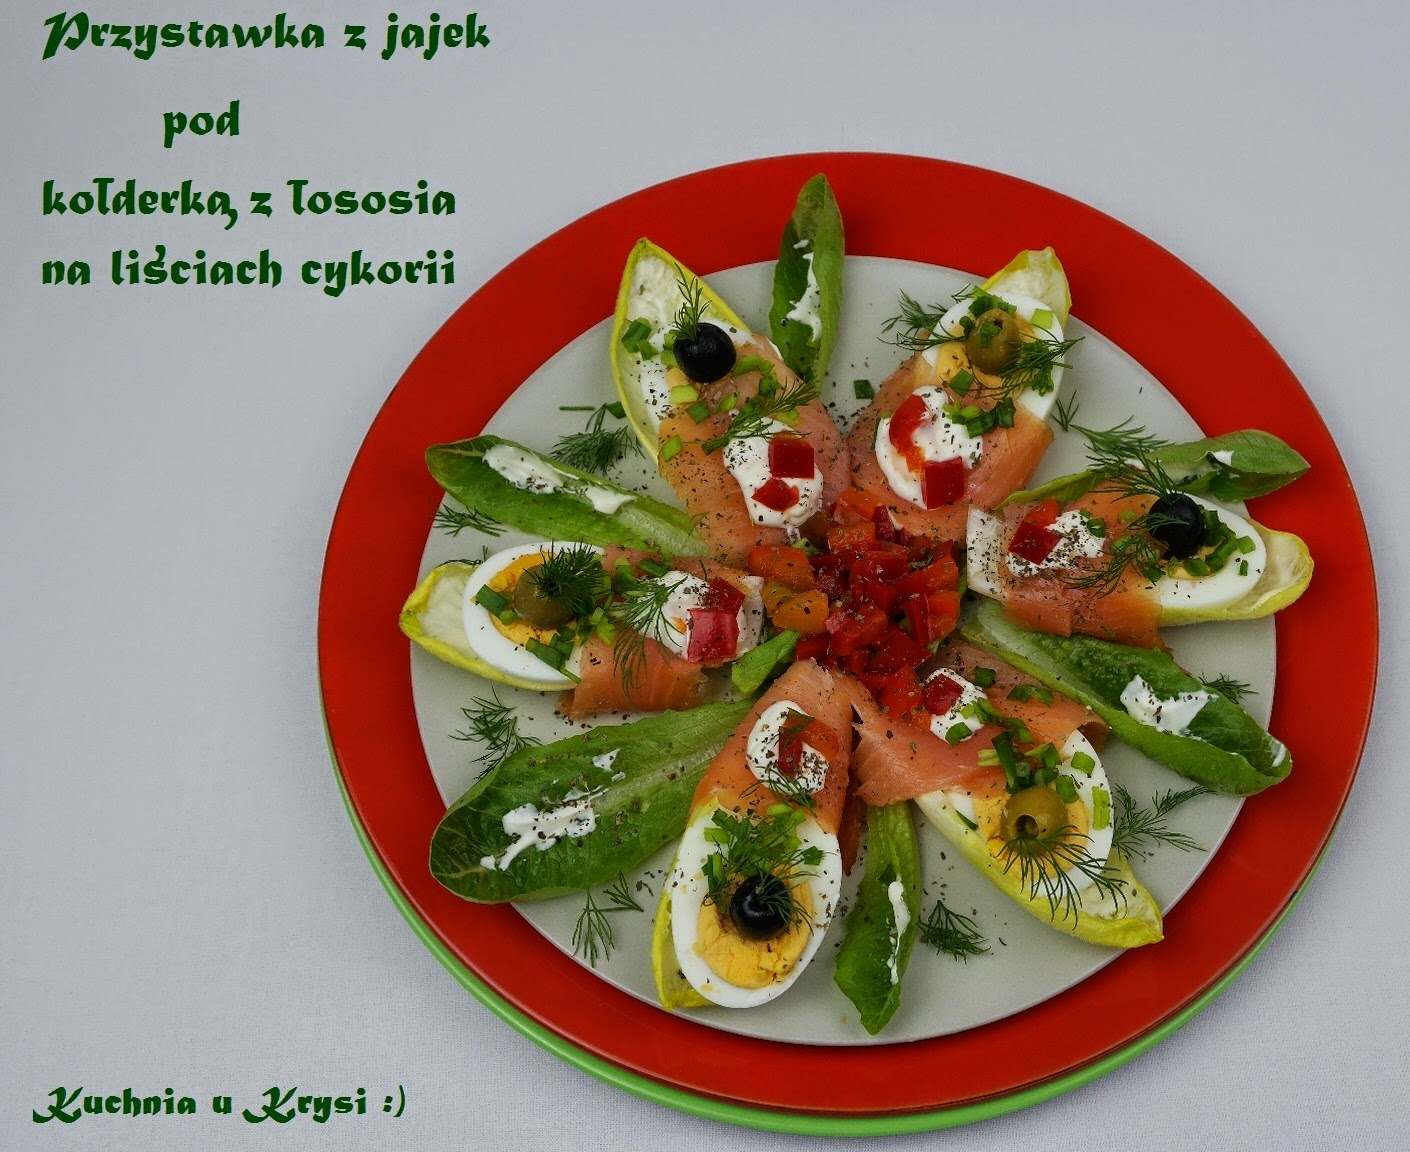 Kuchnia U Krysi Przystawka Z Jajek Pod Kołderką Z łososia